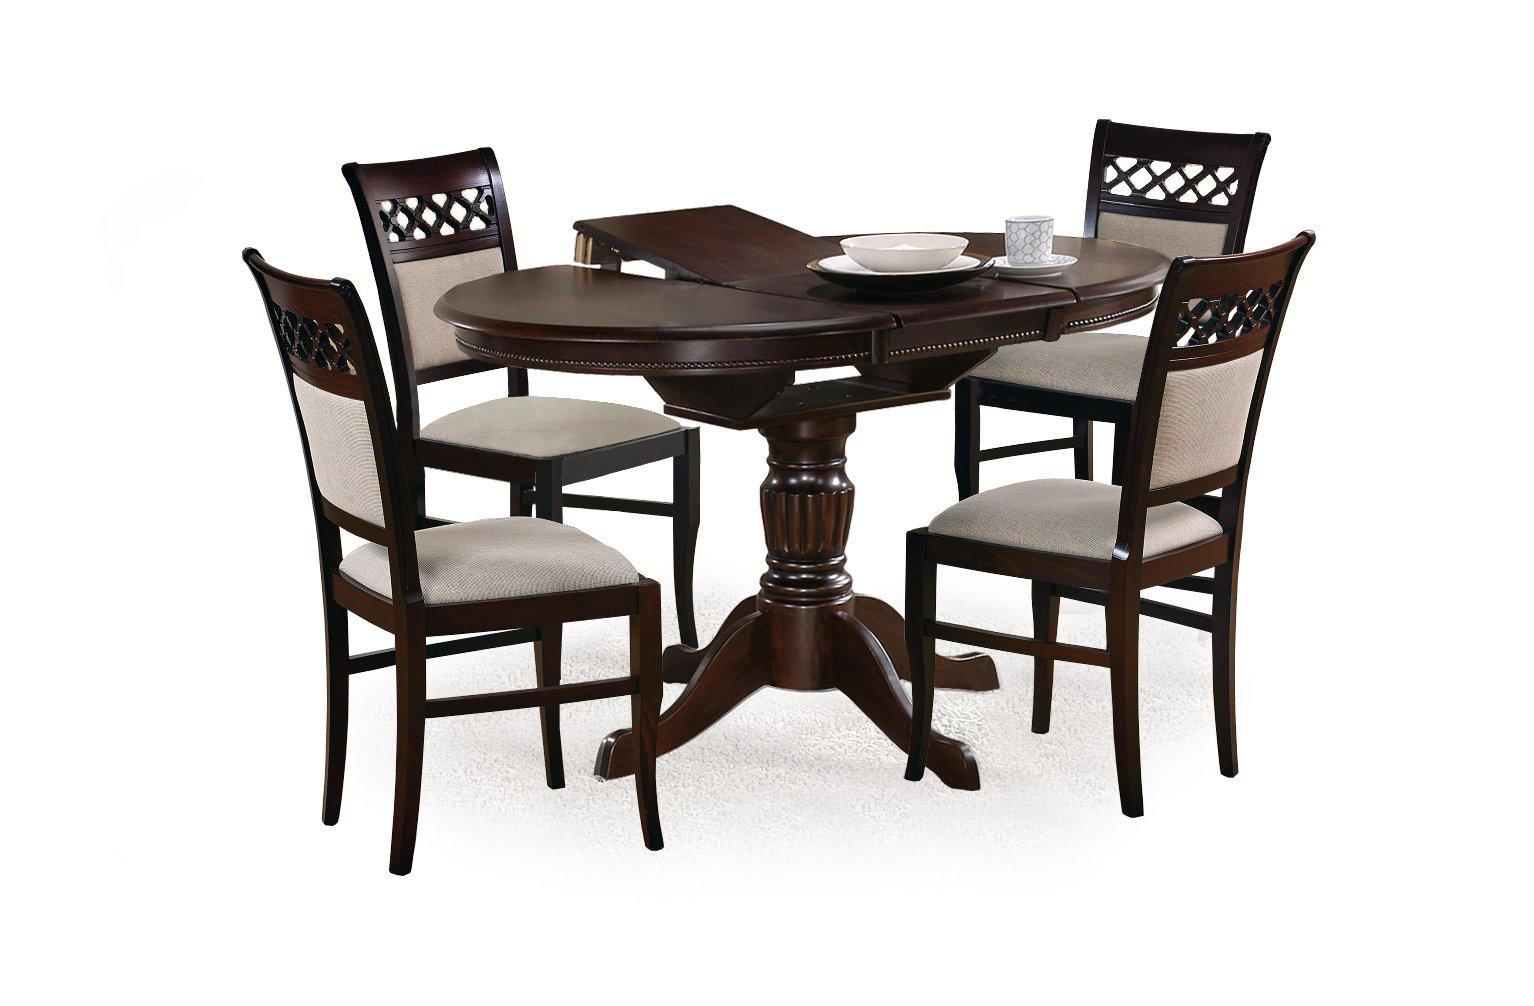 Jedálenský stôl - Halmar - William (pre 4 osoby). Sme autorizovaný predajca Halmar. Vlastná spoľahlivá doprava až k Vám domov.